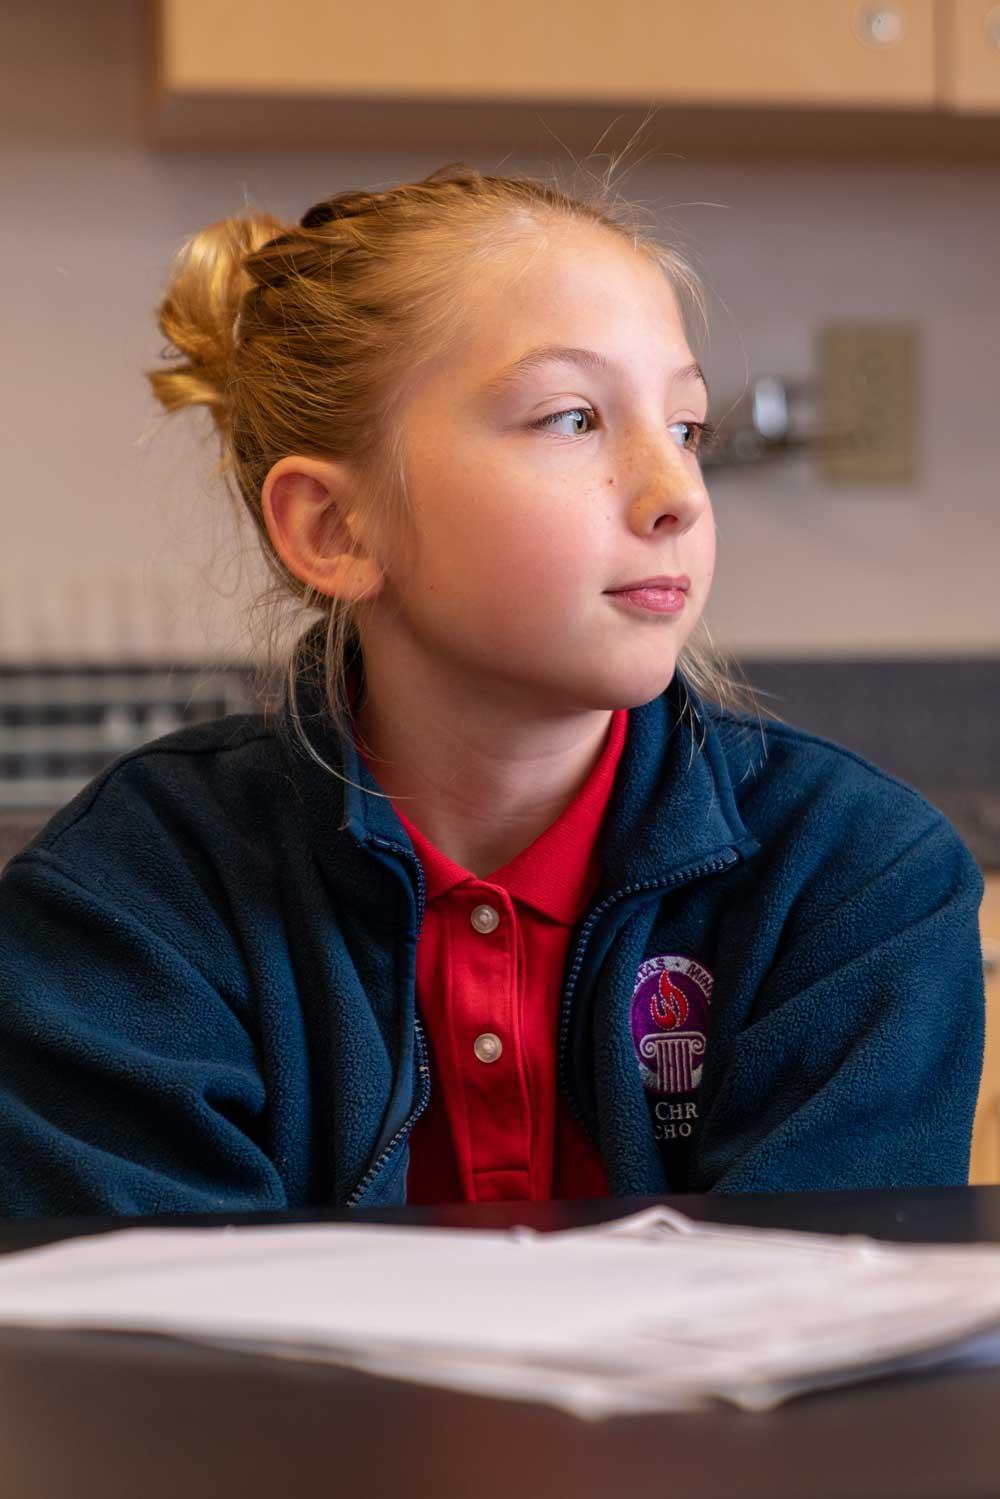 Faith Christian School Middle School Student